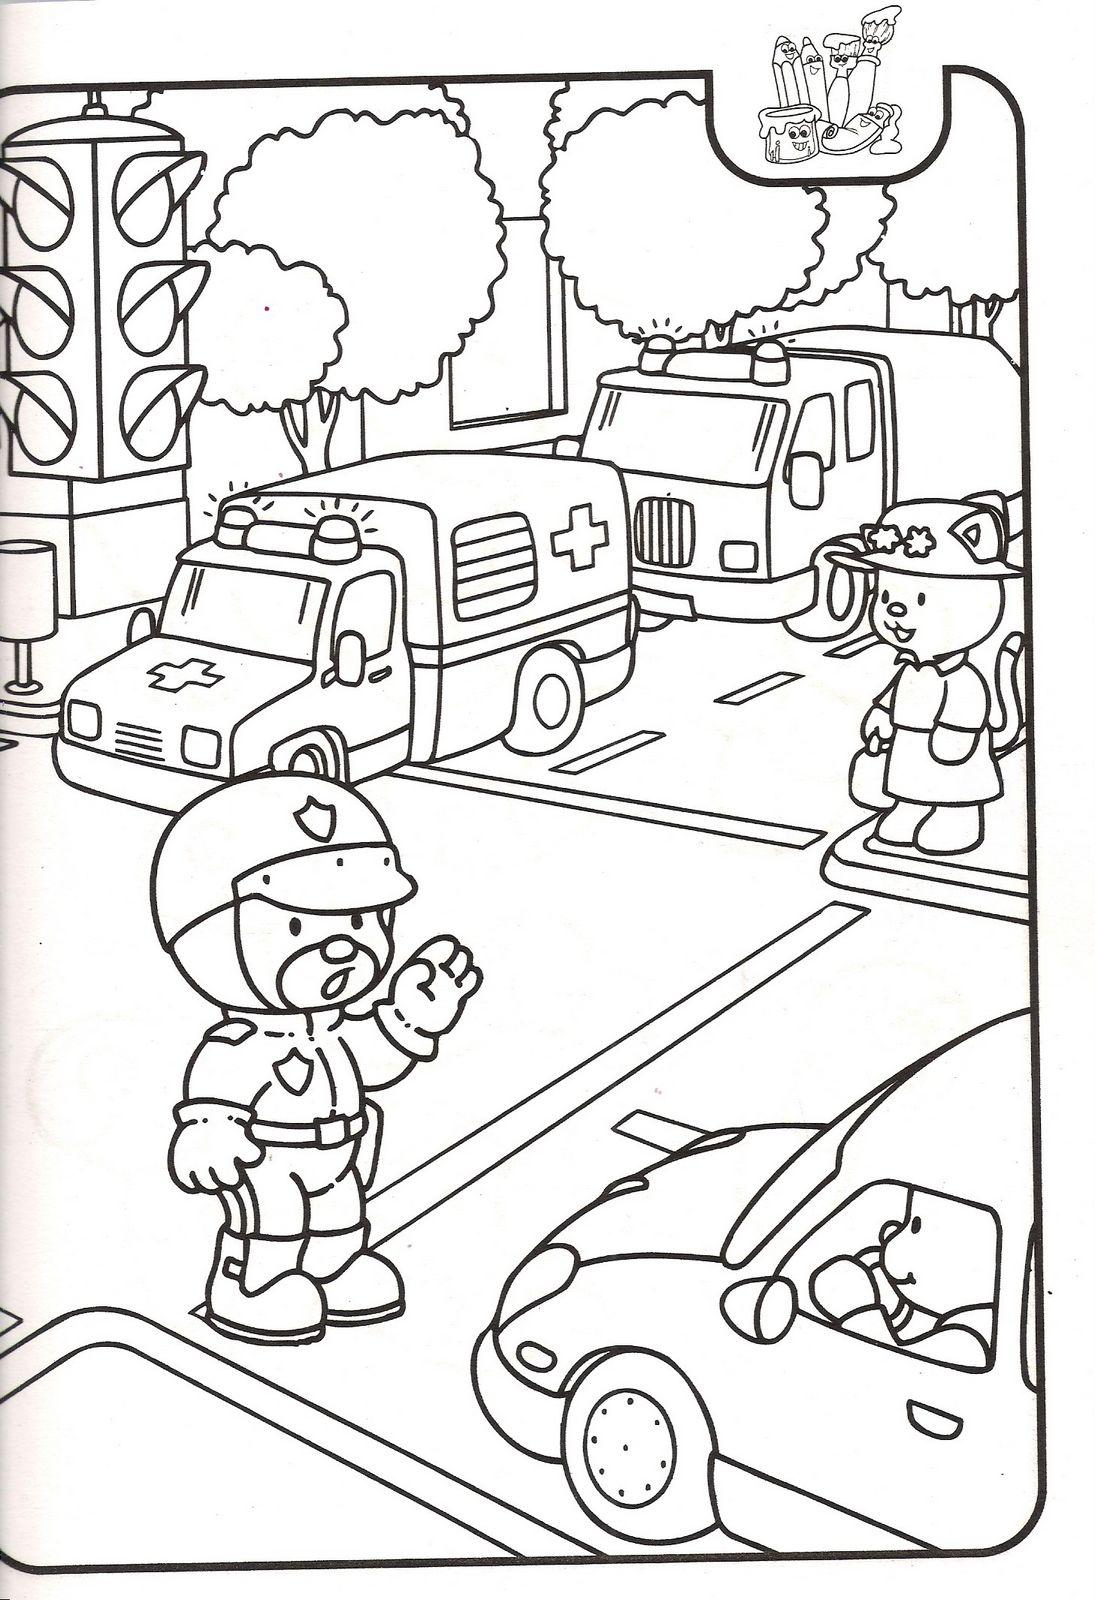 Dibujos de la comunidad rural y urbana - Imagui